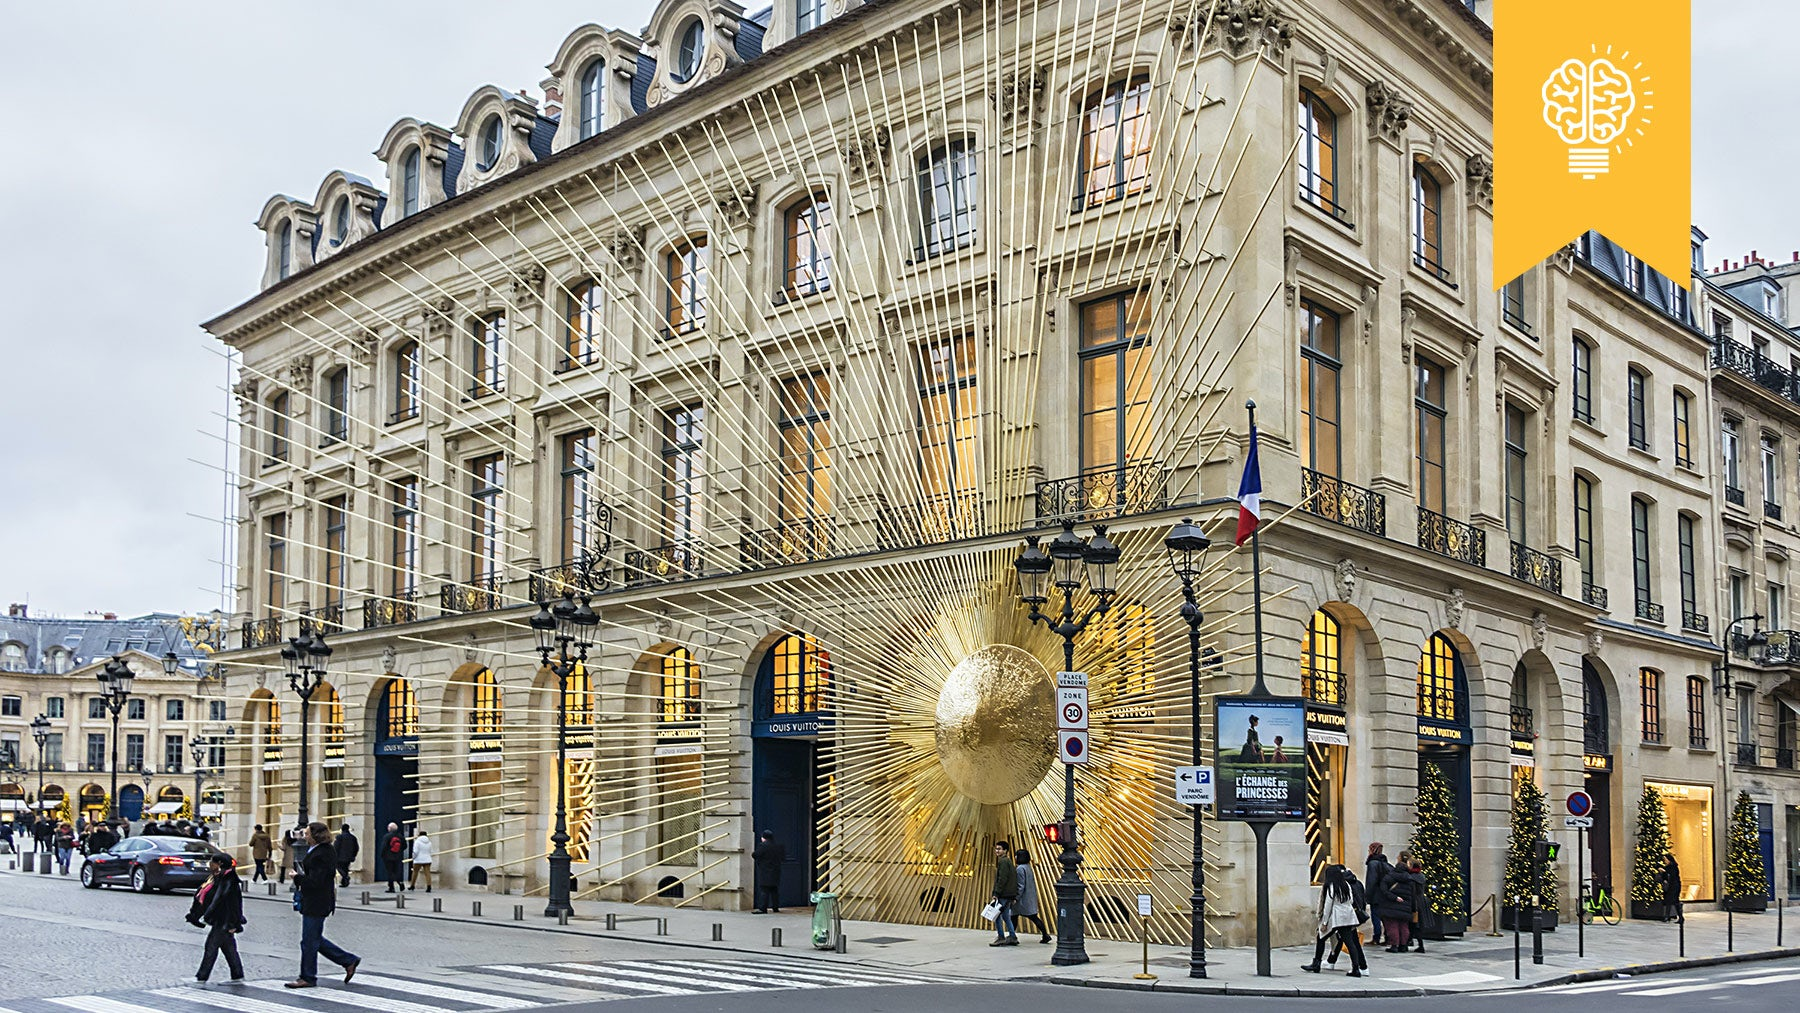 Louis Vuitton's Place Vendome flagship store | Source: Shutterstock